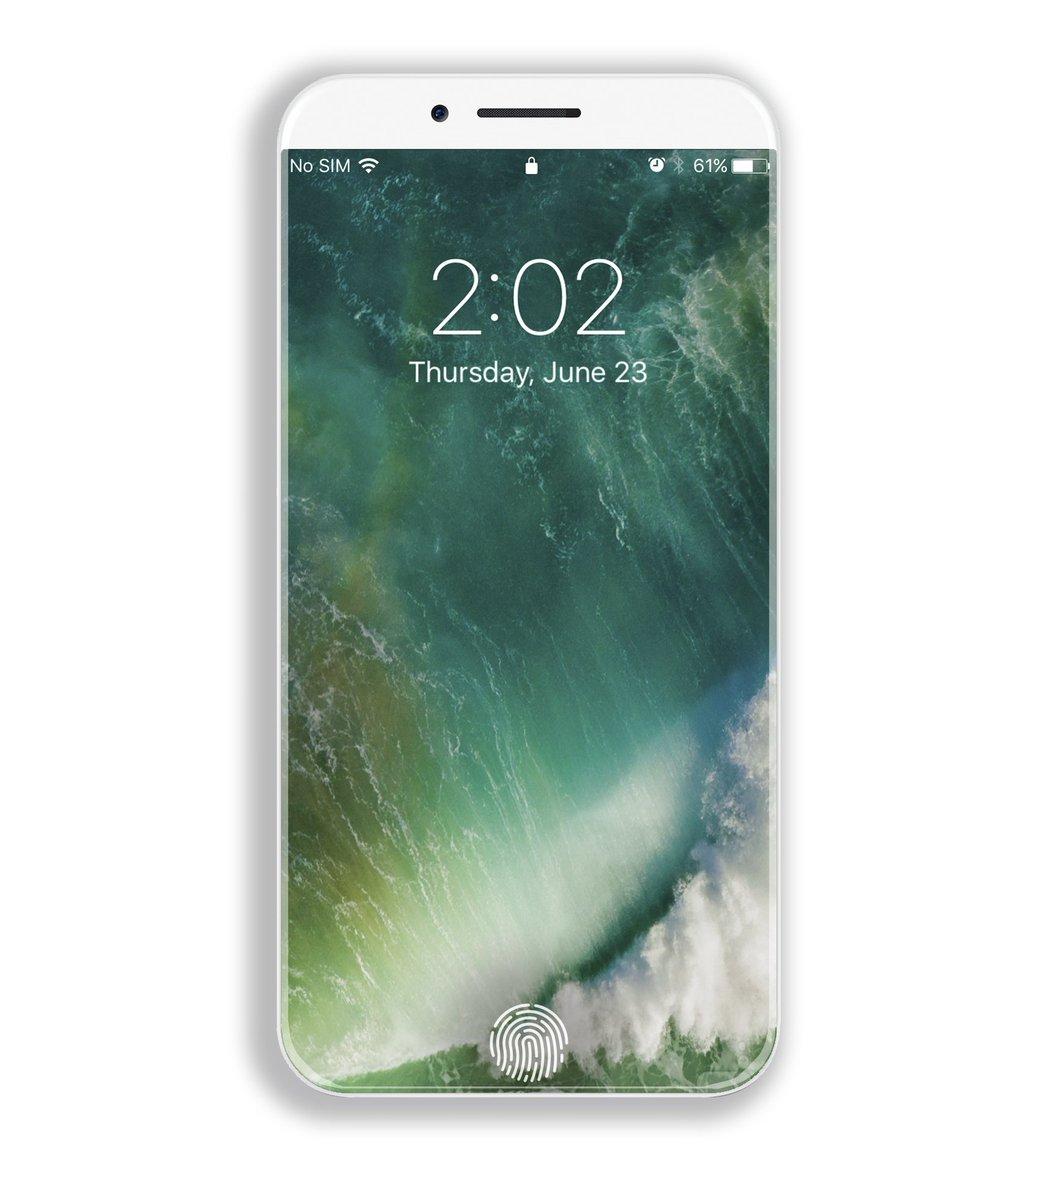 iPhone 8 concept Veniamin Geskin touch id - iPhone 8 : Apple aurait déjà commandé 70 millions d